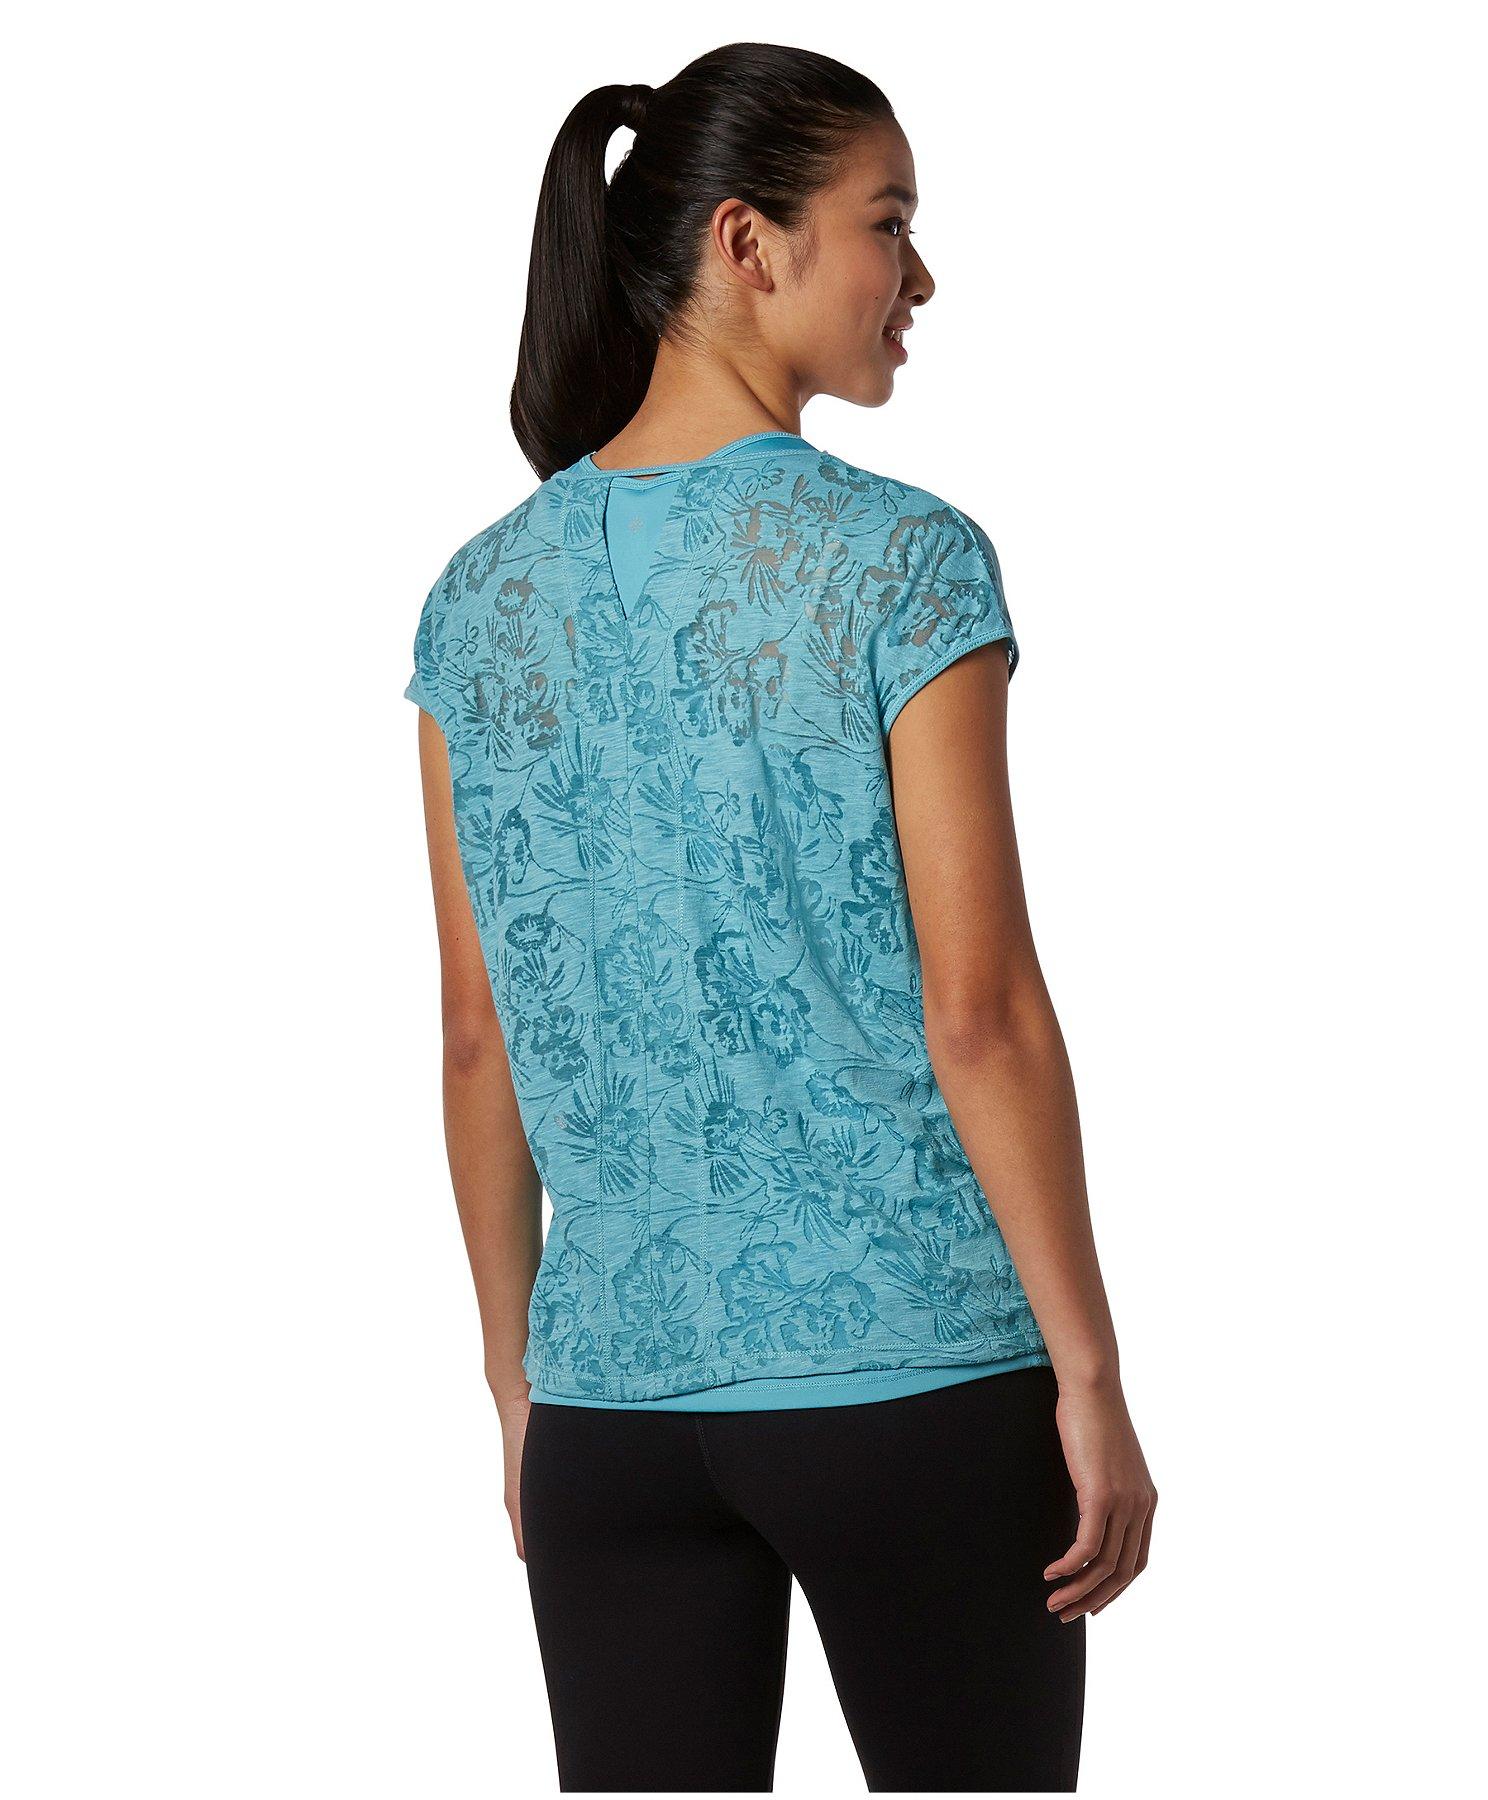 Women's Double Layer Burnout T-Shirt